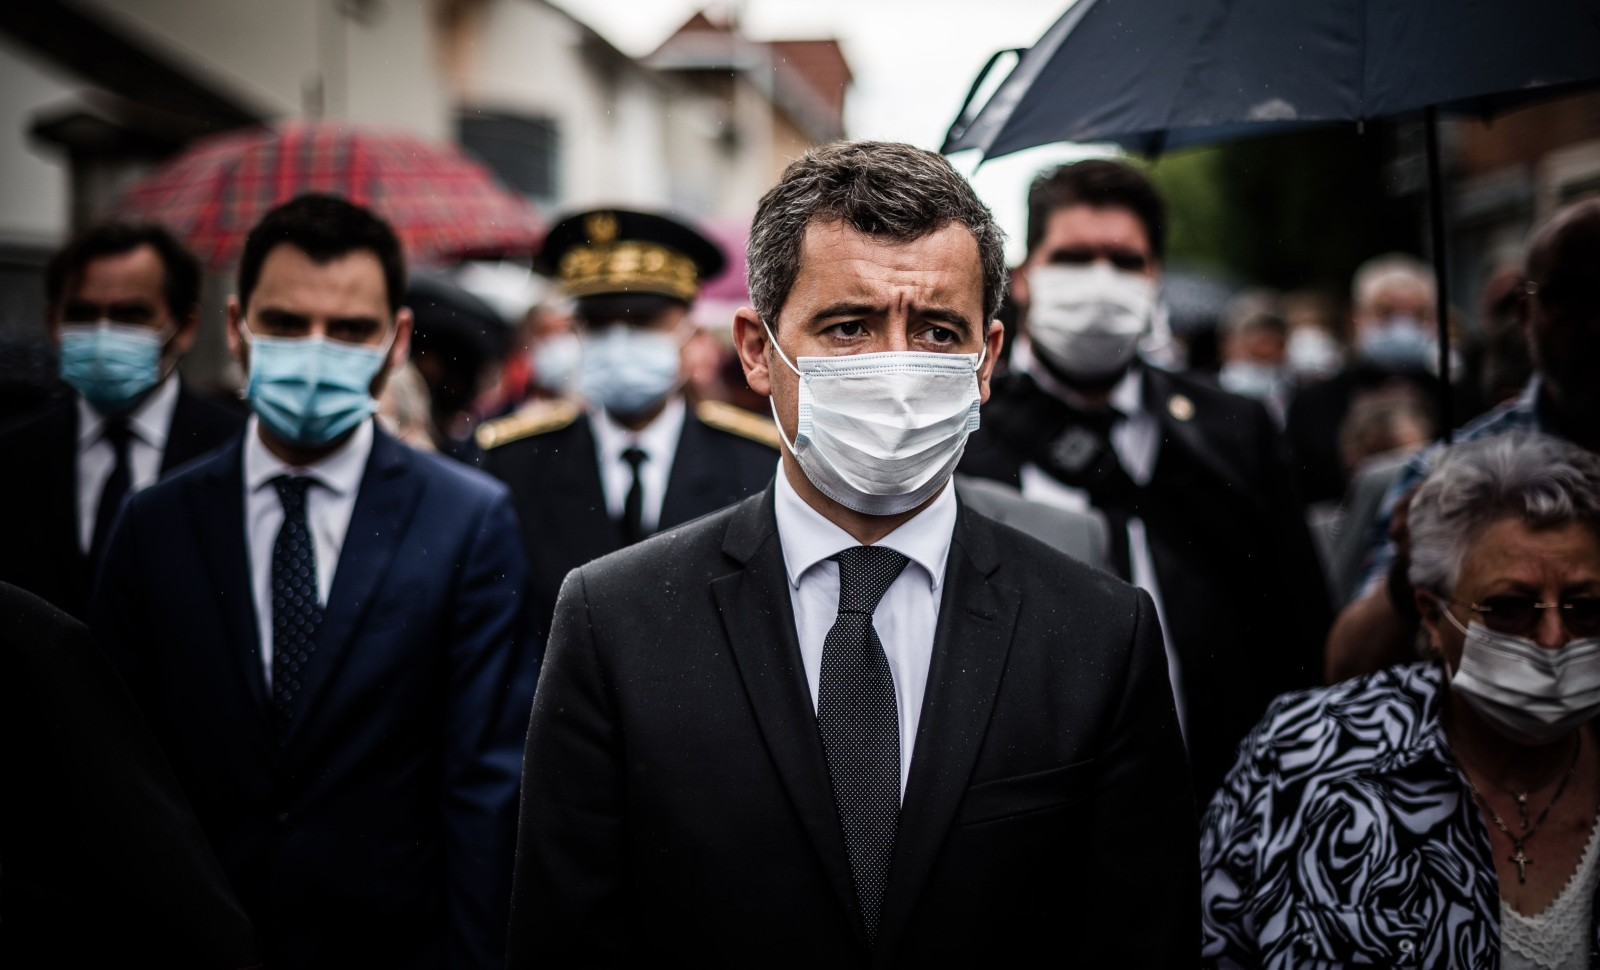 Gérald Darmanin à Saint-Étienne-du-Rouvray, juillet 2020 © NICOLAS MESSYASZ/SIPA Numéro de reportage: 00974295_000027